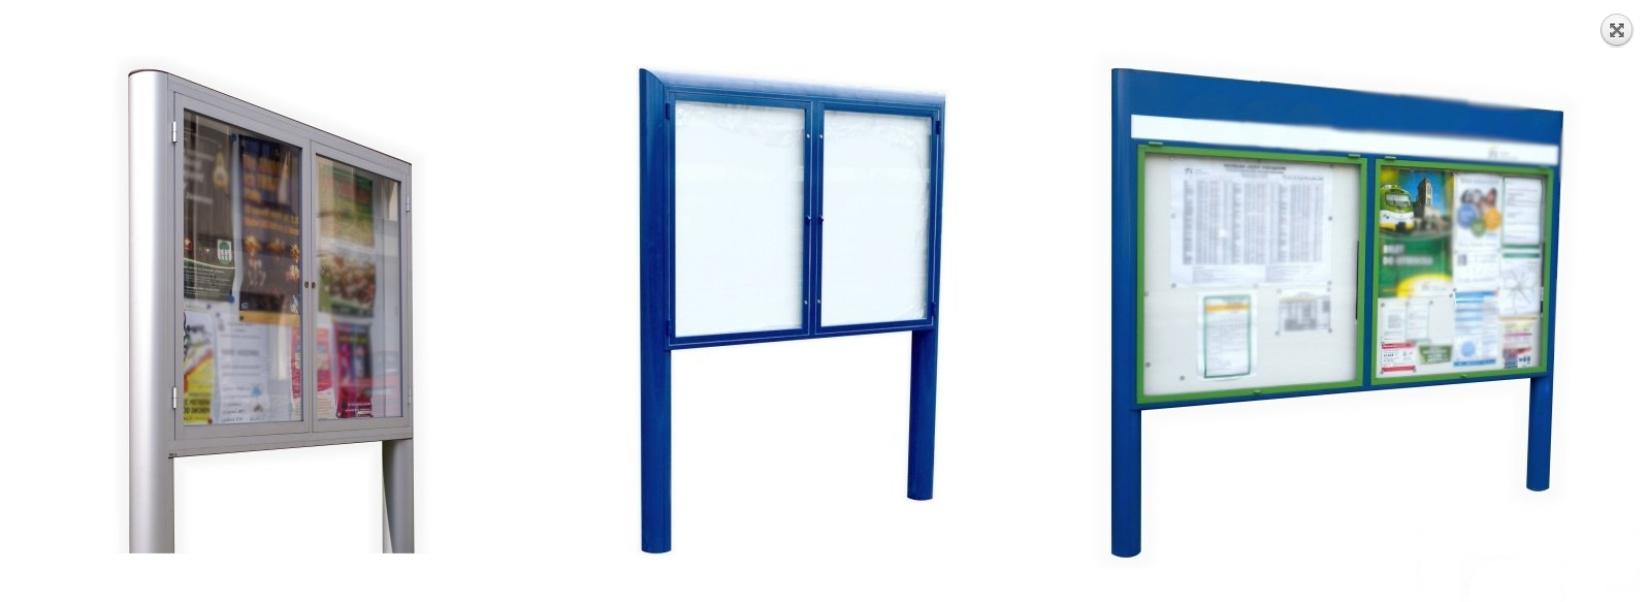 EXPOINT Venkovní vitrína GEX04OB s širokým profilem dvoudílná Název: Formát 18xA4, rozměr: šířka 1690 x výška 1110 x hloubka 140mm, celková nadzemní výška 1900mm, oboustranná